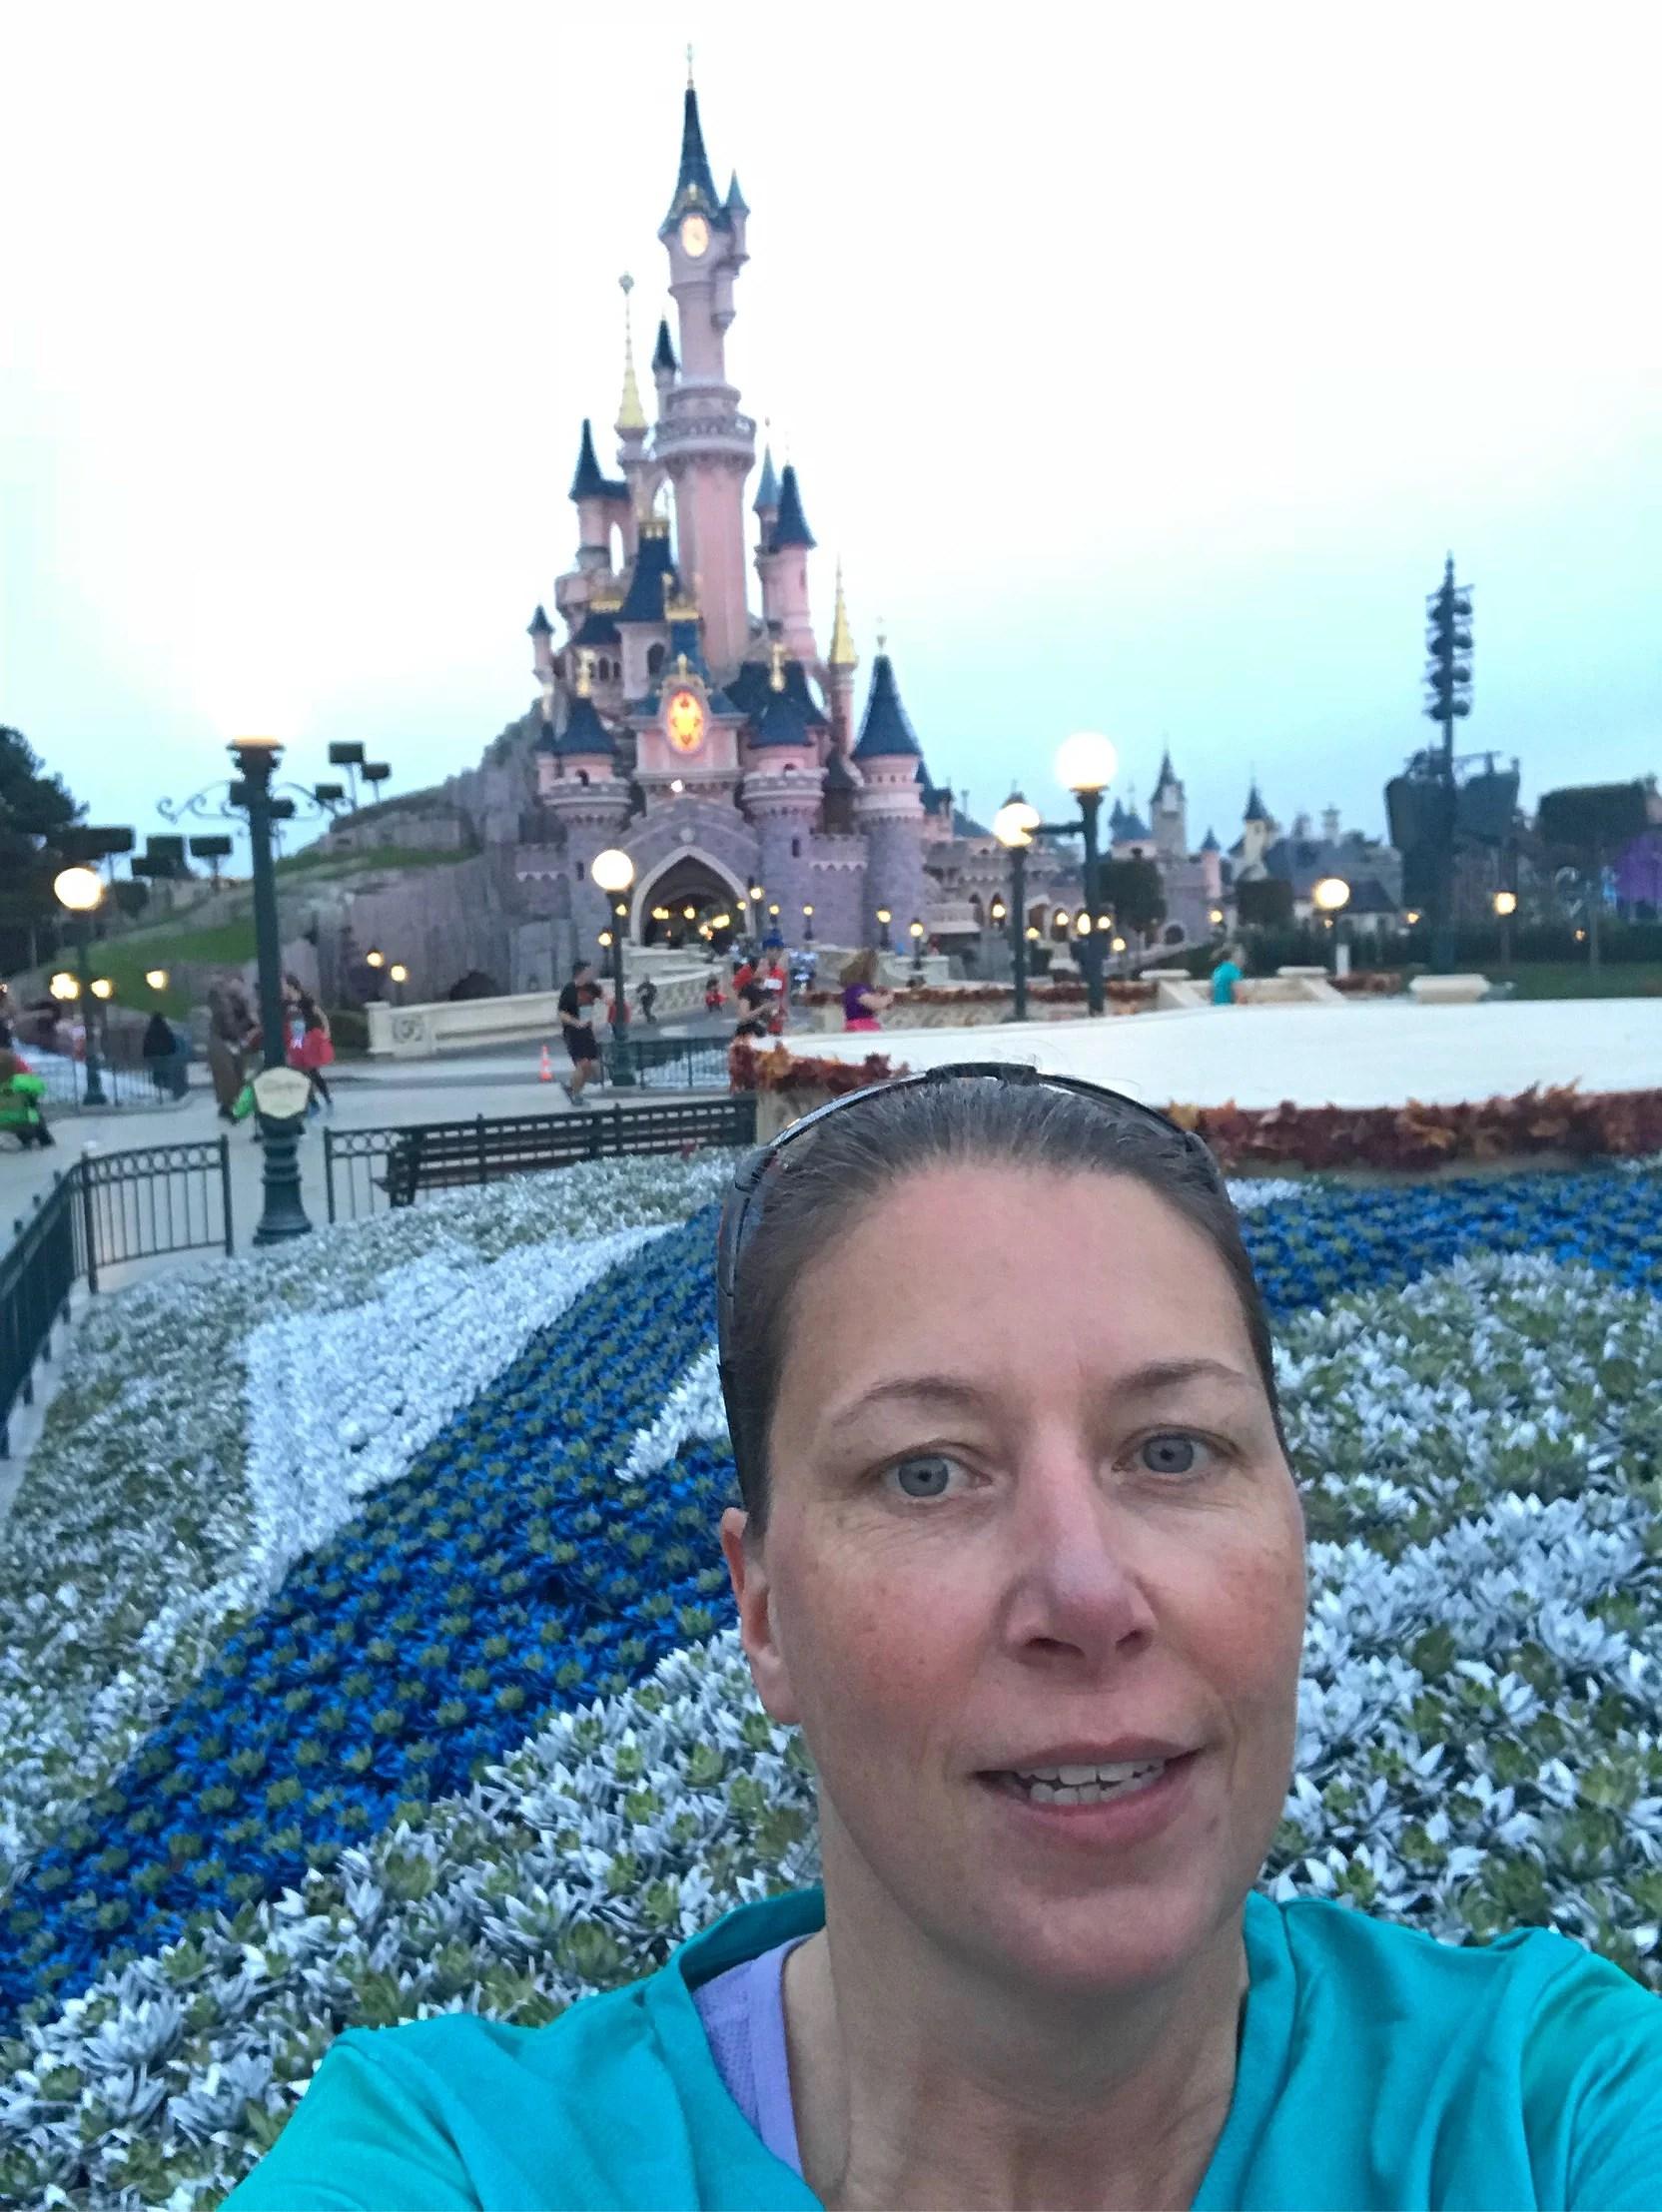 Jag sprang 10km med RunDisney på Disneyland Paris